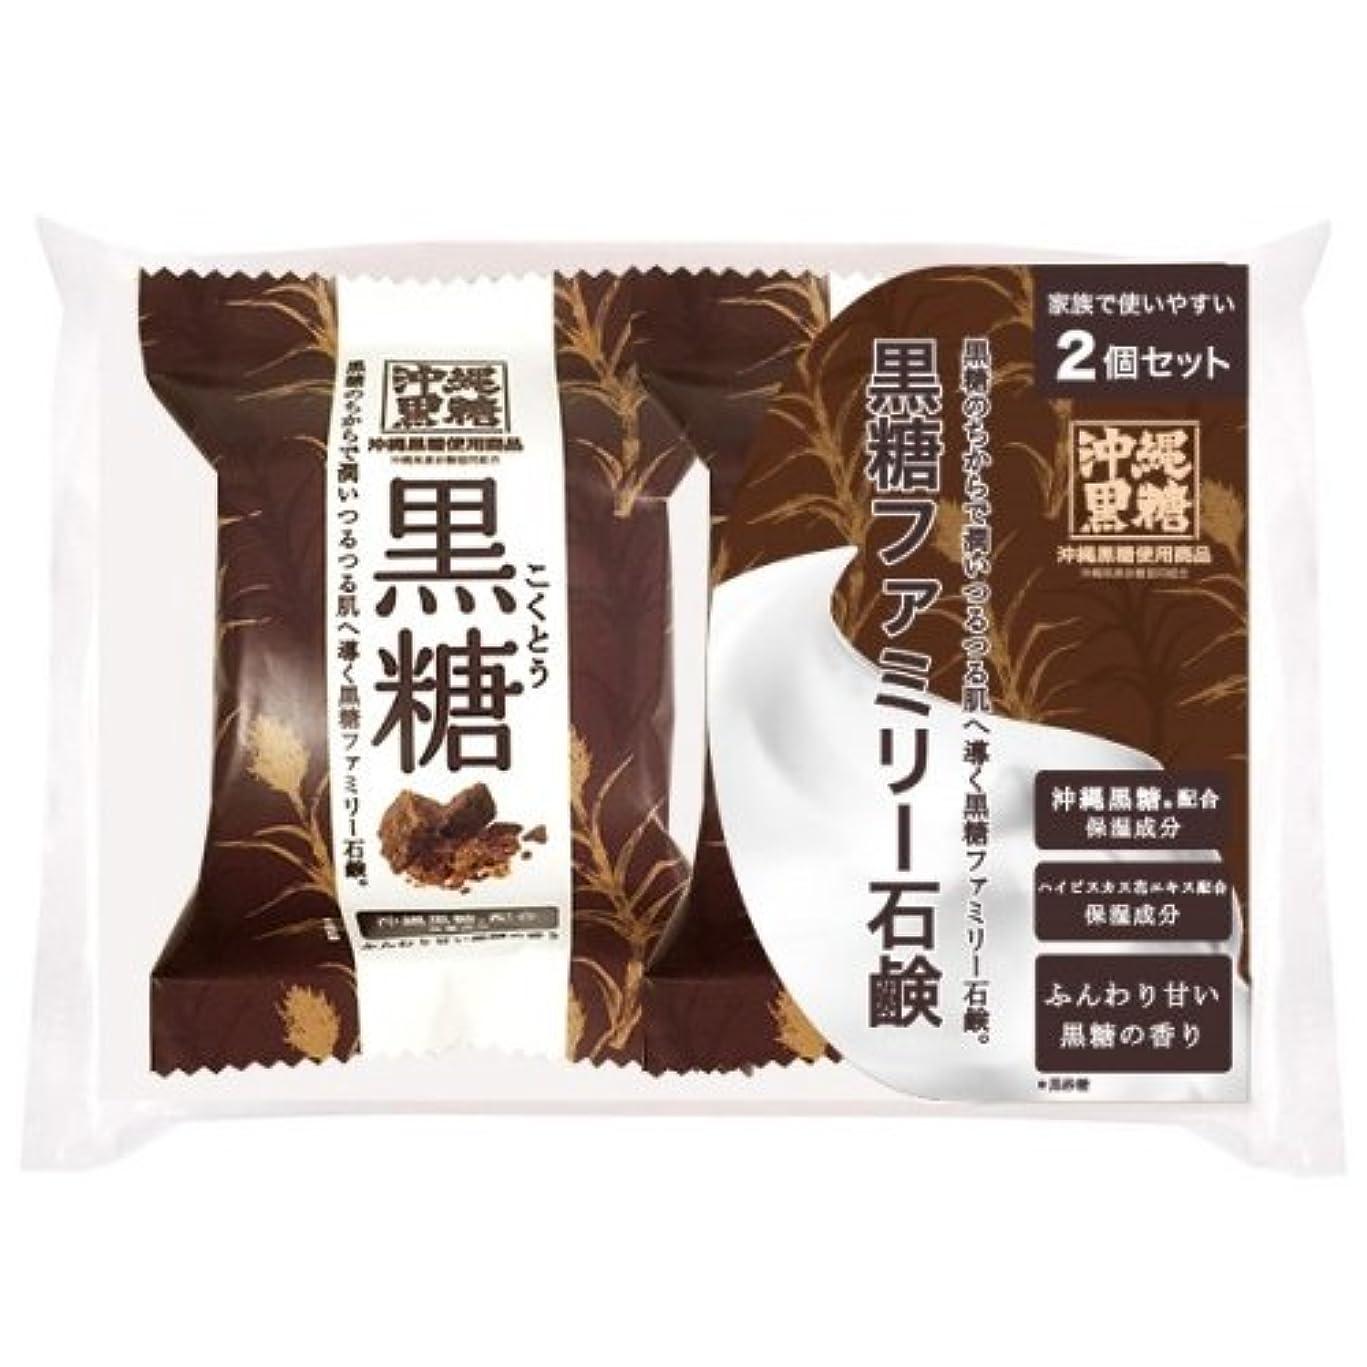 タンク裁定ソフィーペリカン石鹸 ファミリー黒糖石鹸 80g×2個